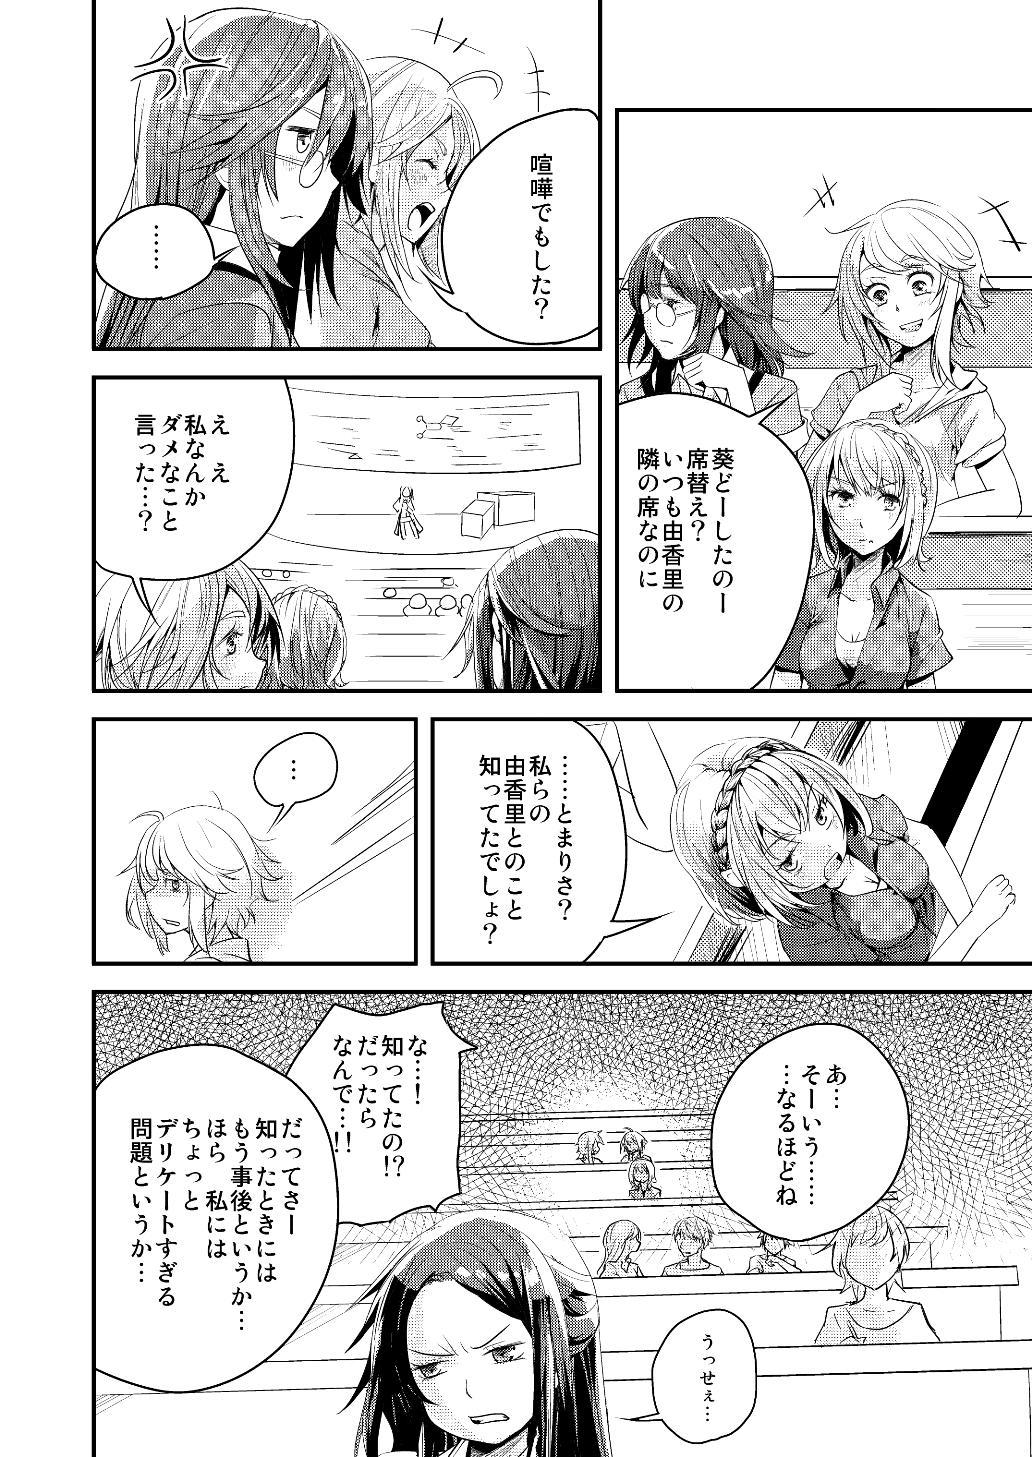 Yakusoku no Sora to Kimigaita Basho 1 ~ 2 46